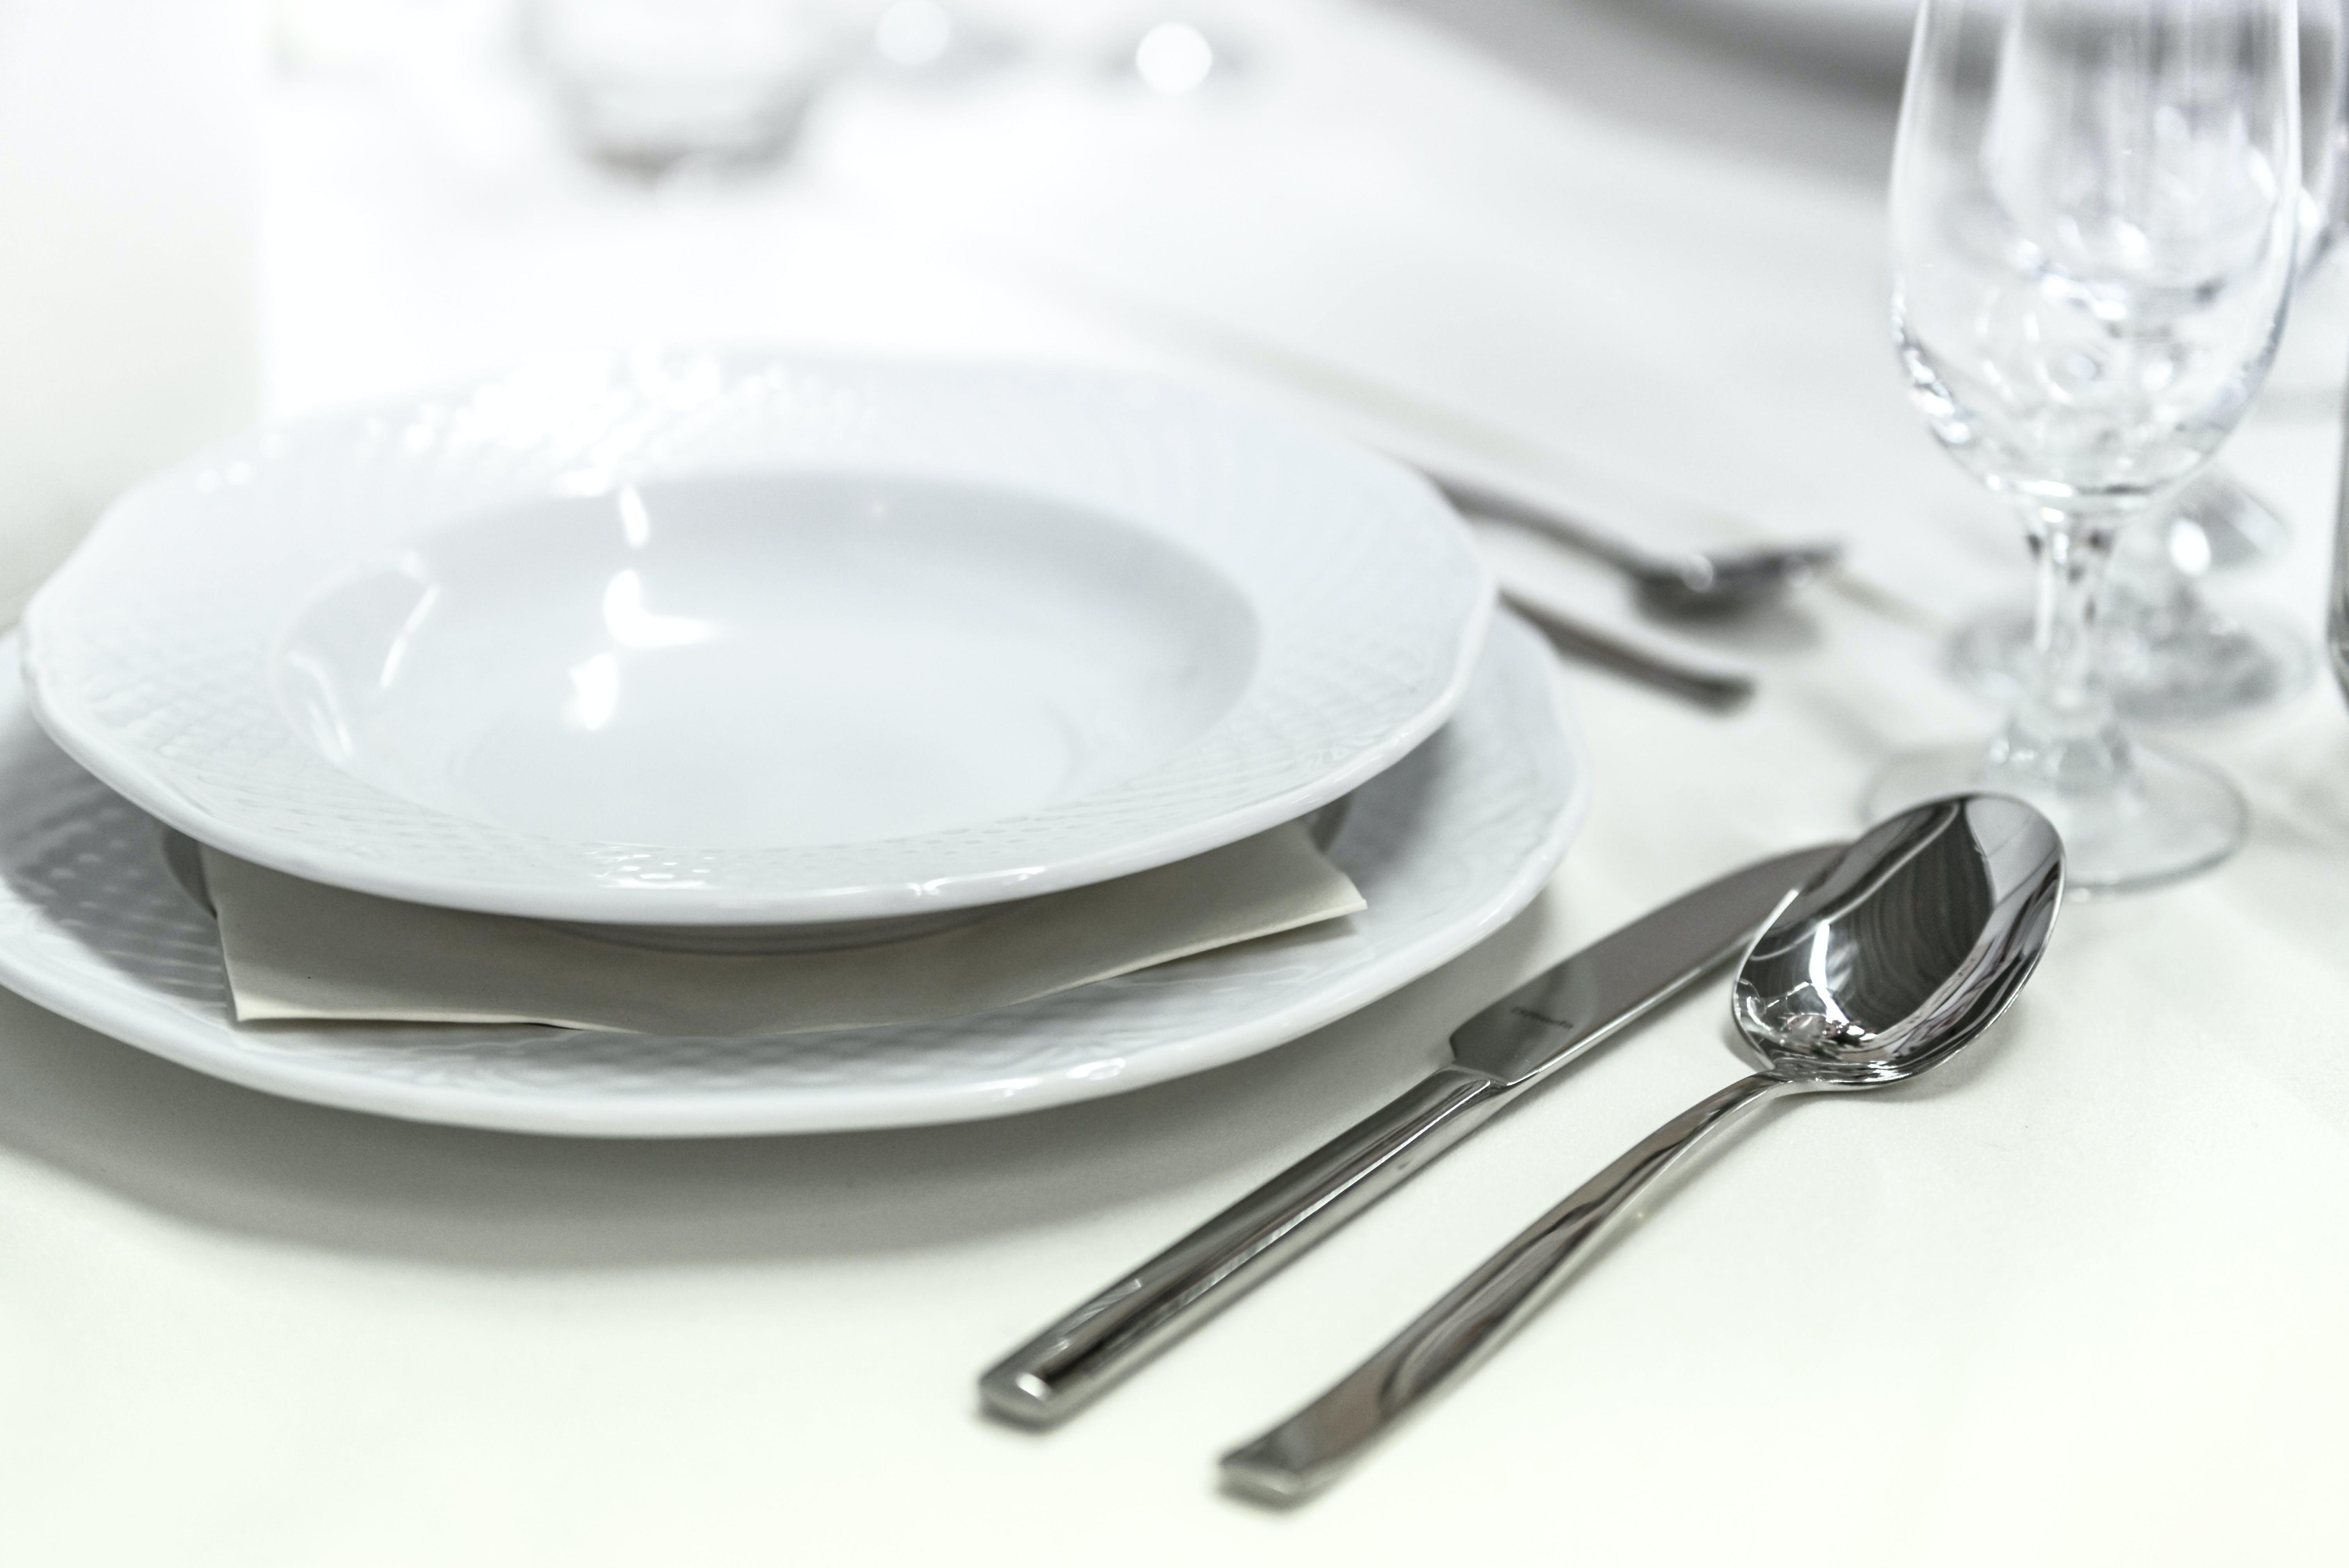 Gratis stockfoto met arrangement, bestek, borden, charmant